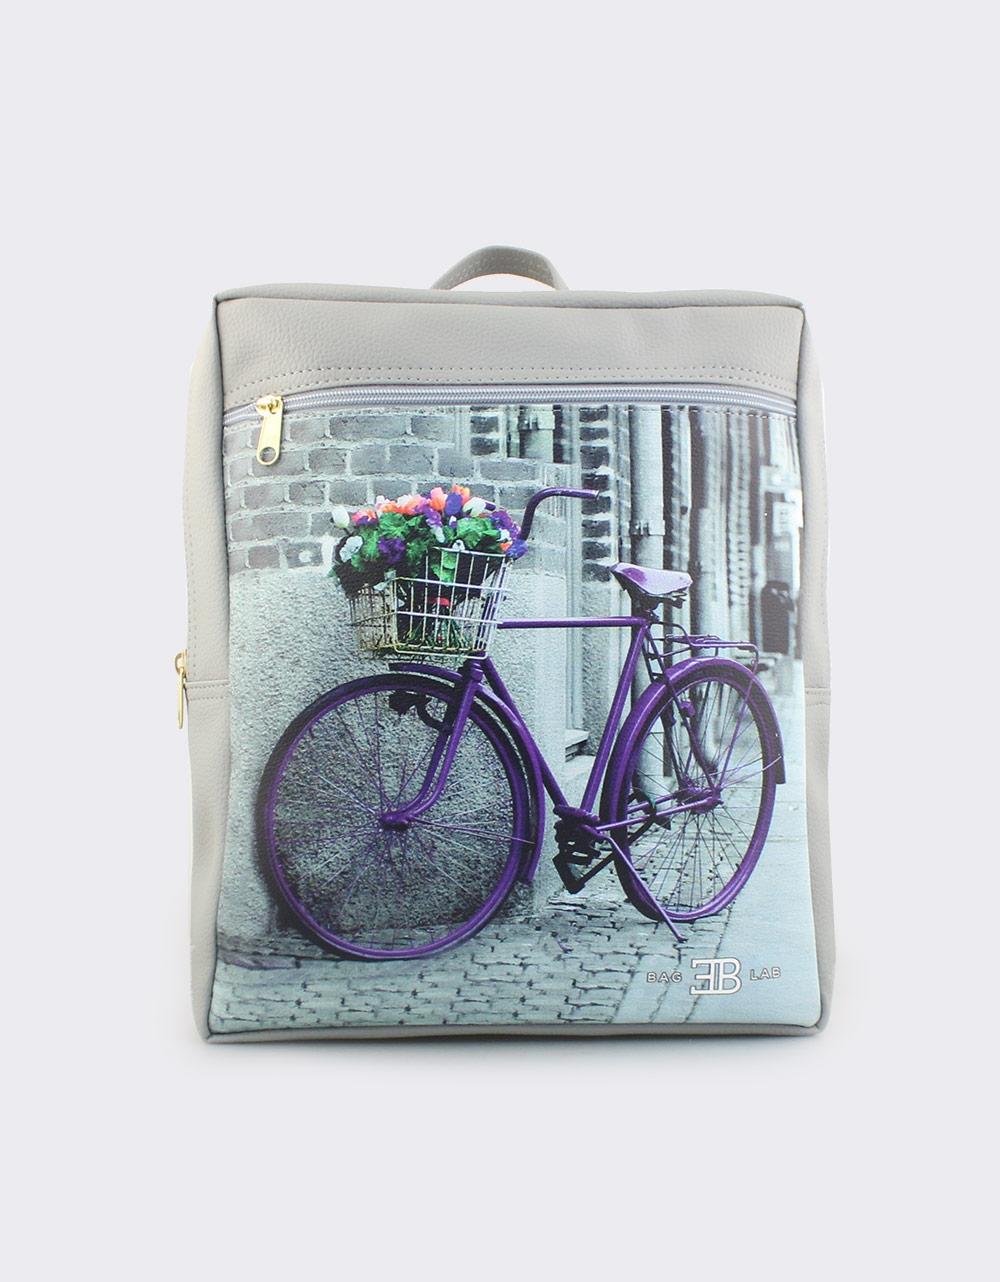 Εικόνα από Γυναικεία σακίδια πλάτης με ποδήλατο και λουλούδια Γκρι